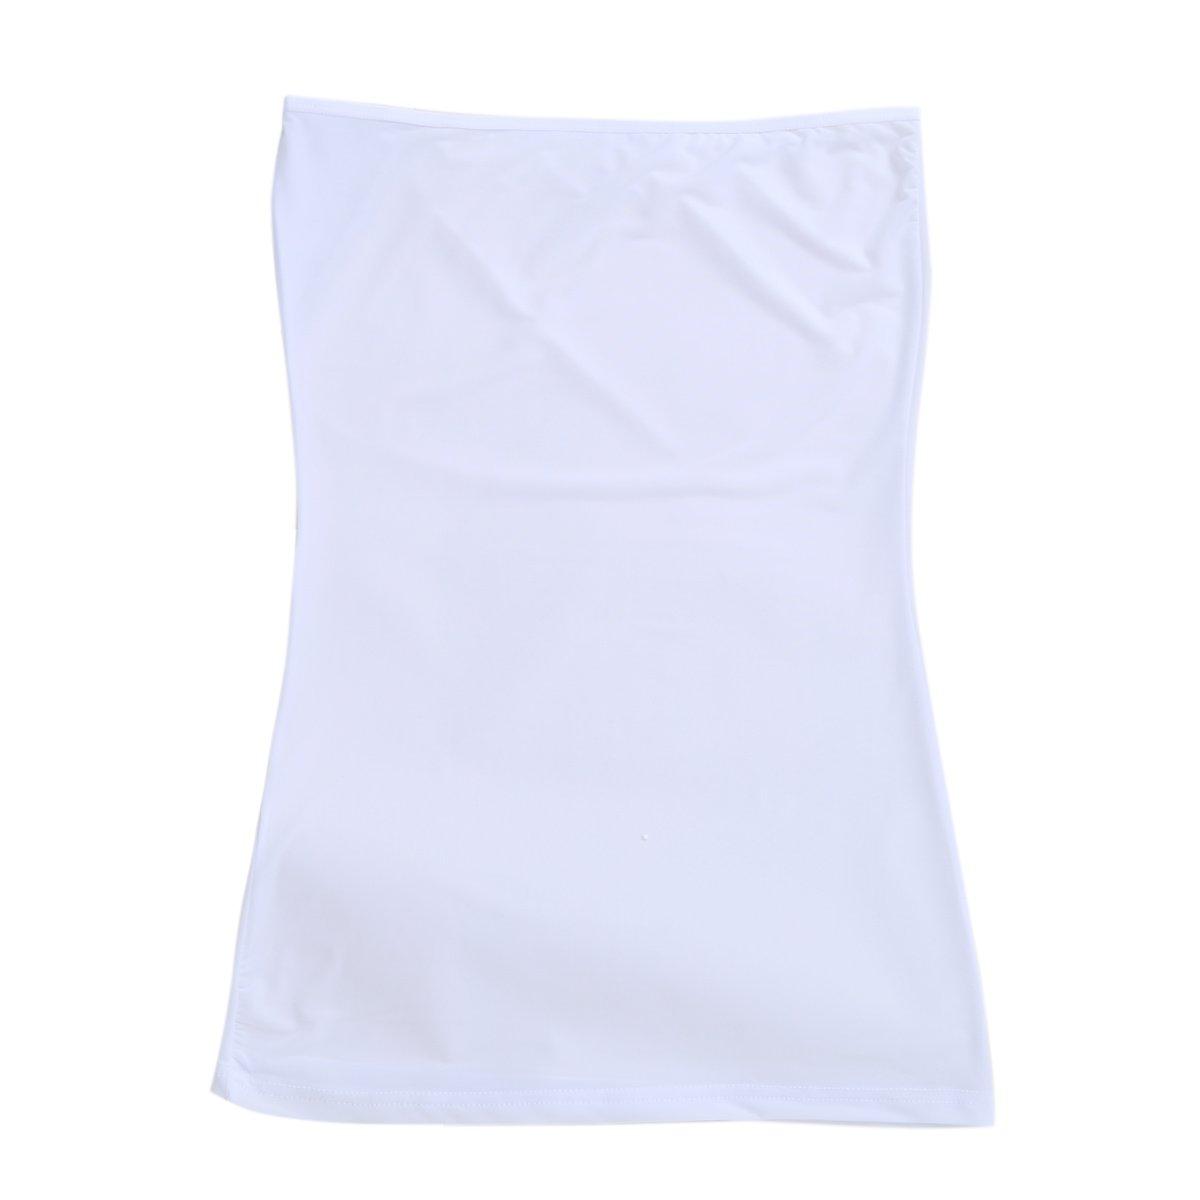 Alvivi Frauen Dessous-Kleider Transparent Bodycon Kleid Schulterfrei Lingerie One Piece Kleider Tube Top Nachtw/äsche